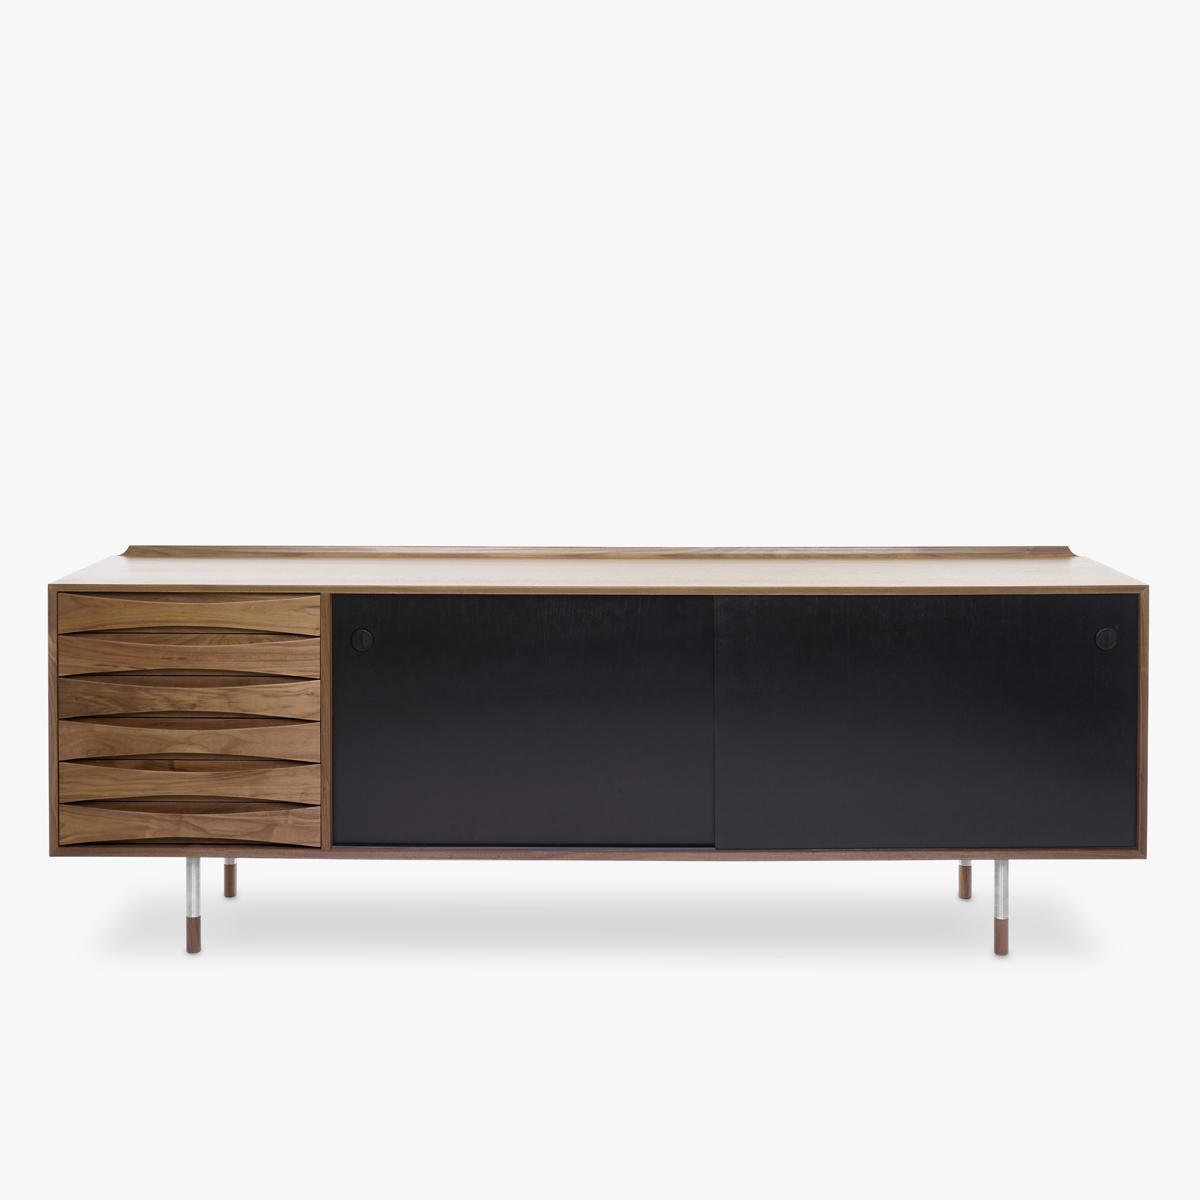 arne vodder sideboard av01 great dane contract. Black Bedroom Furniture Sets. Home Design Ideas